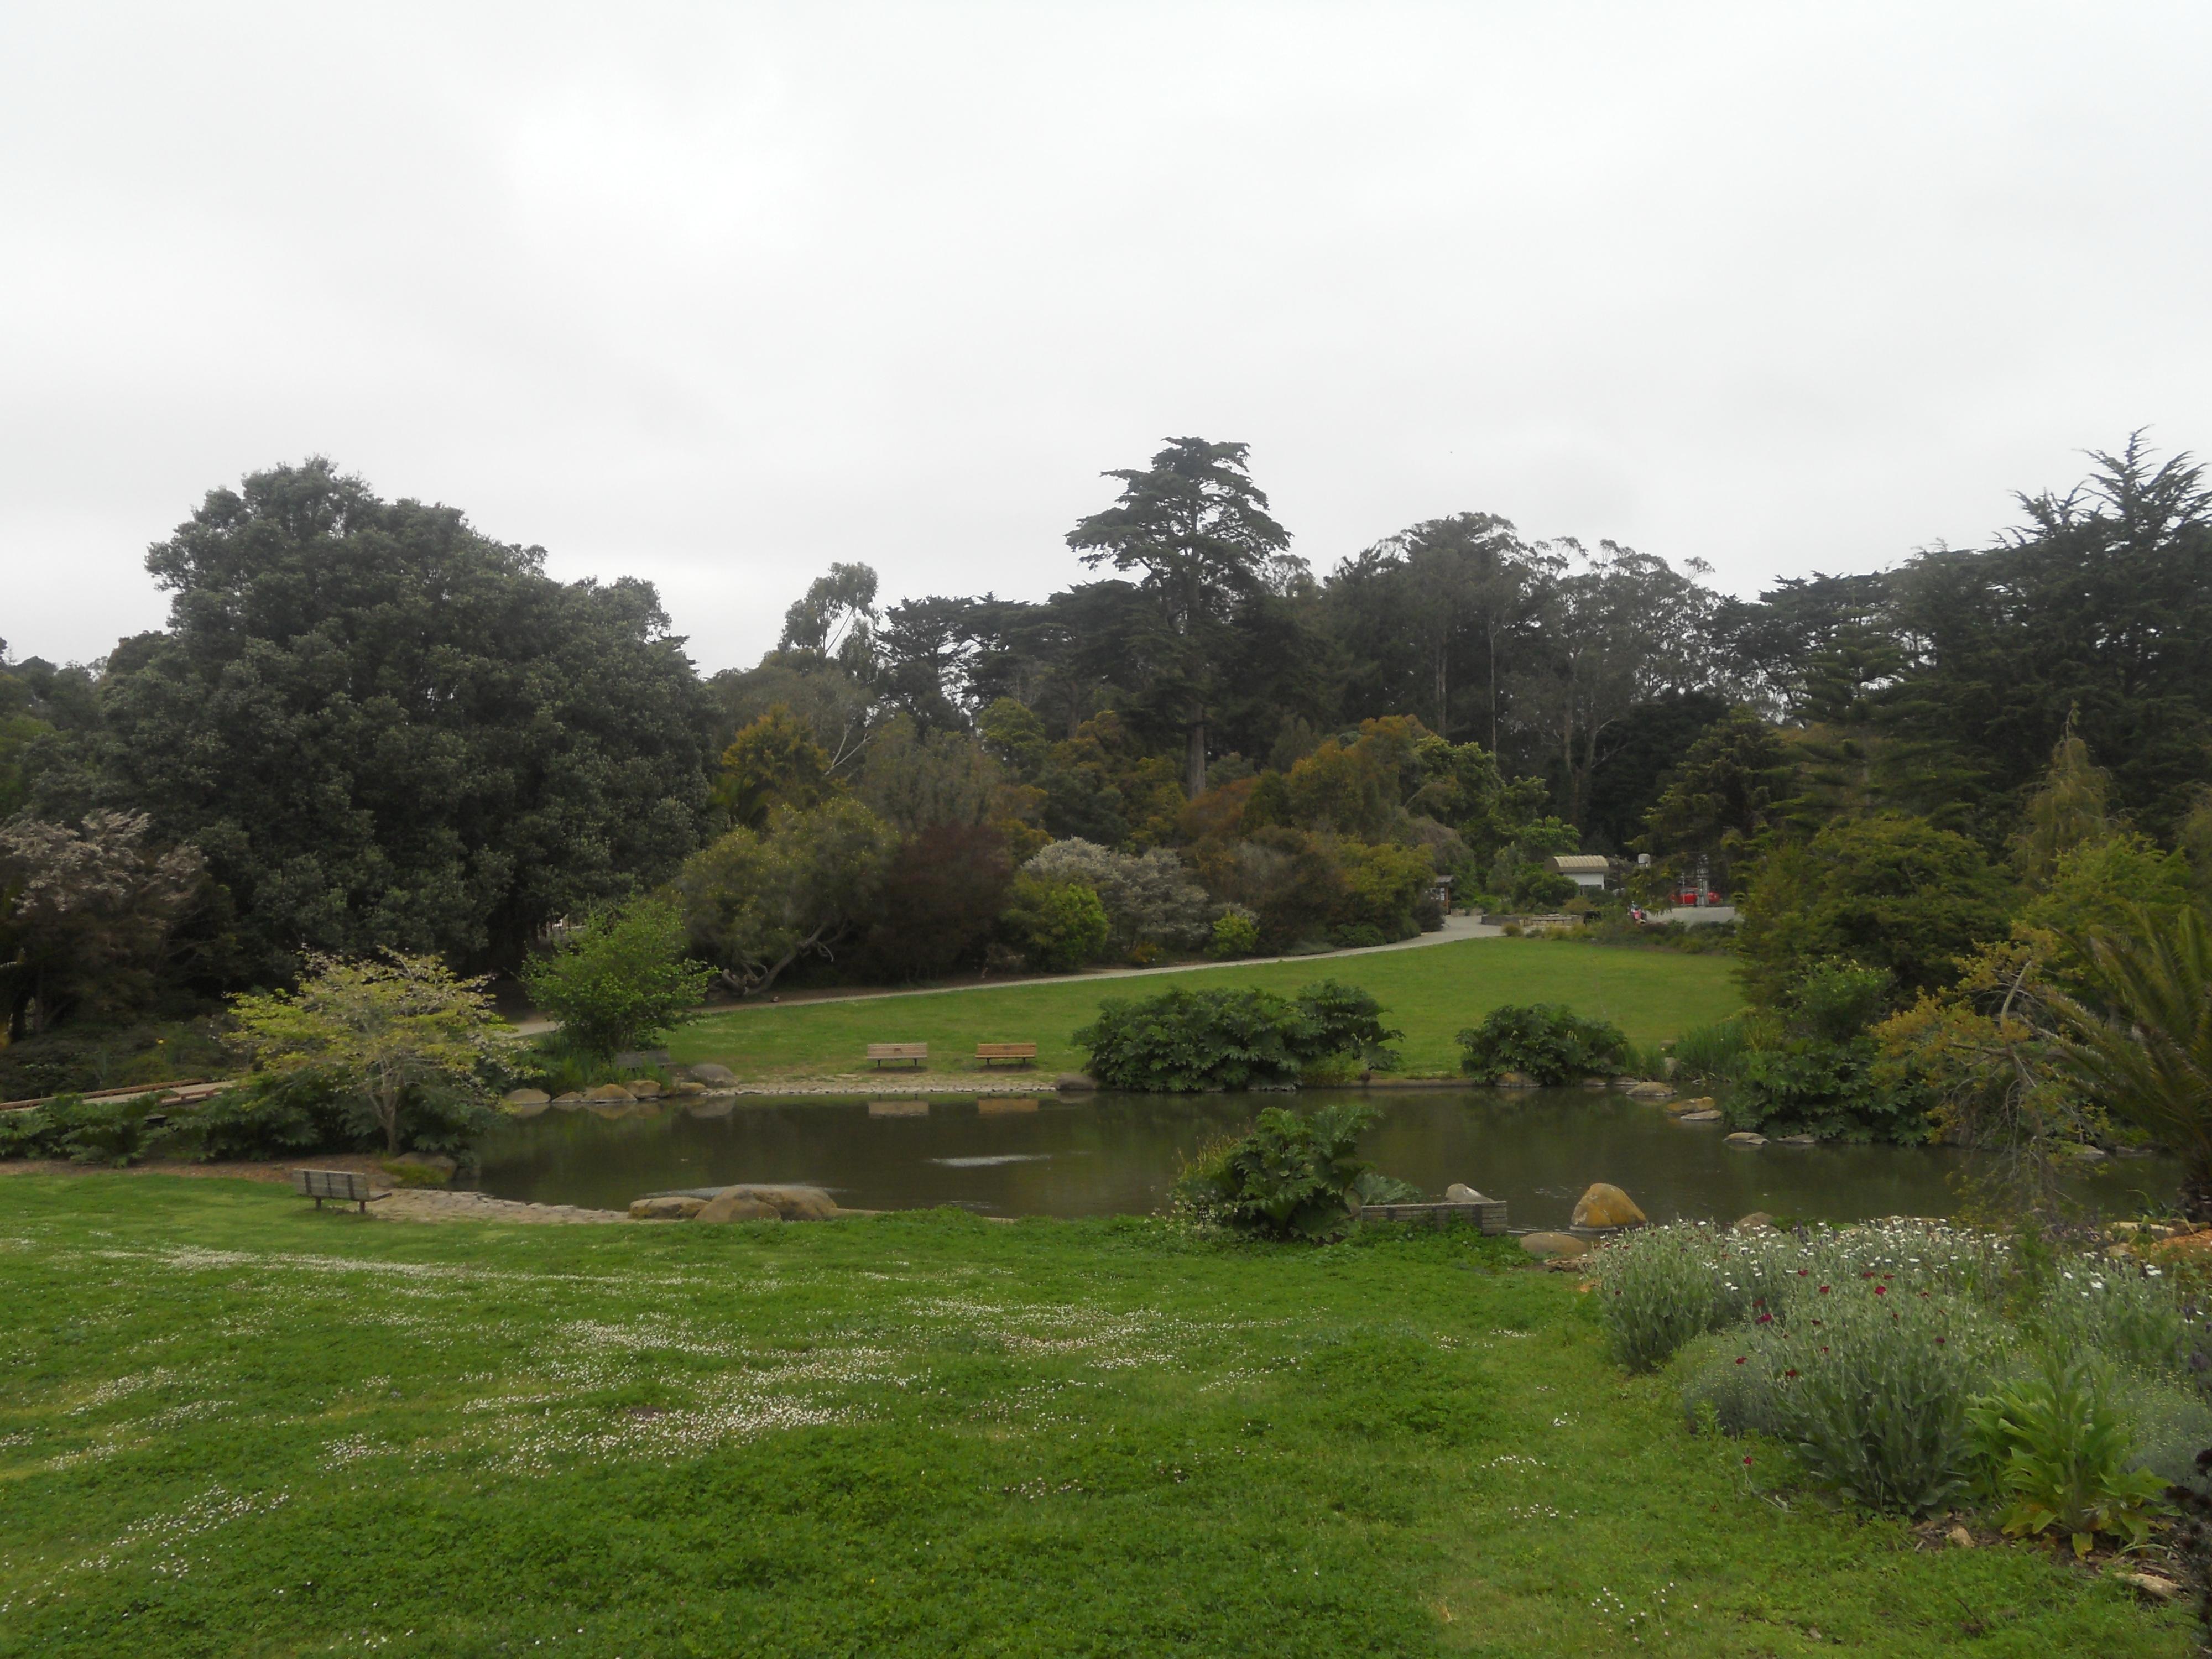 Visite jardin botanique san francisco viver a vida is for Jardin botanique 2016